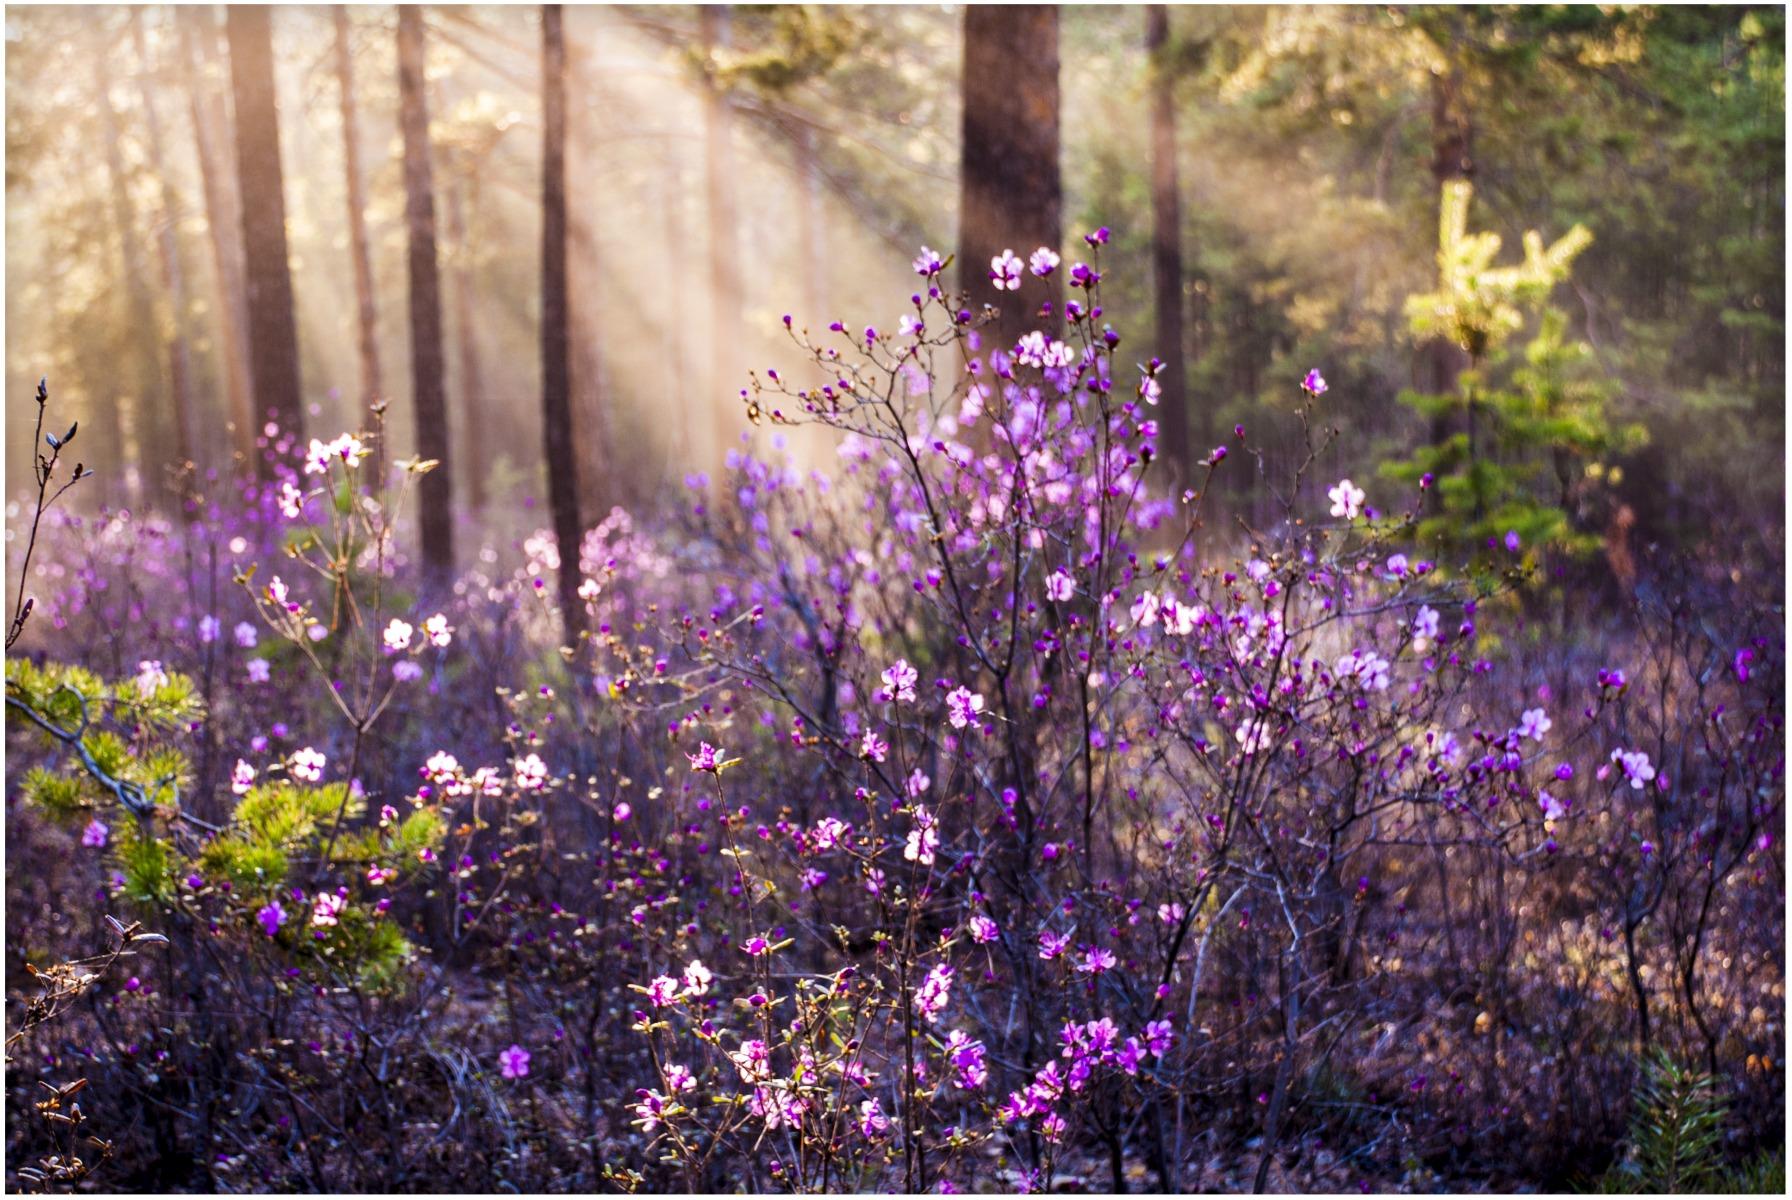 фото сопок с цветущим багульником